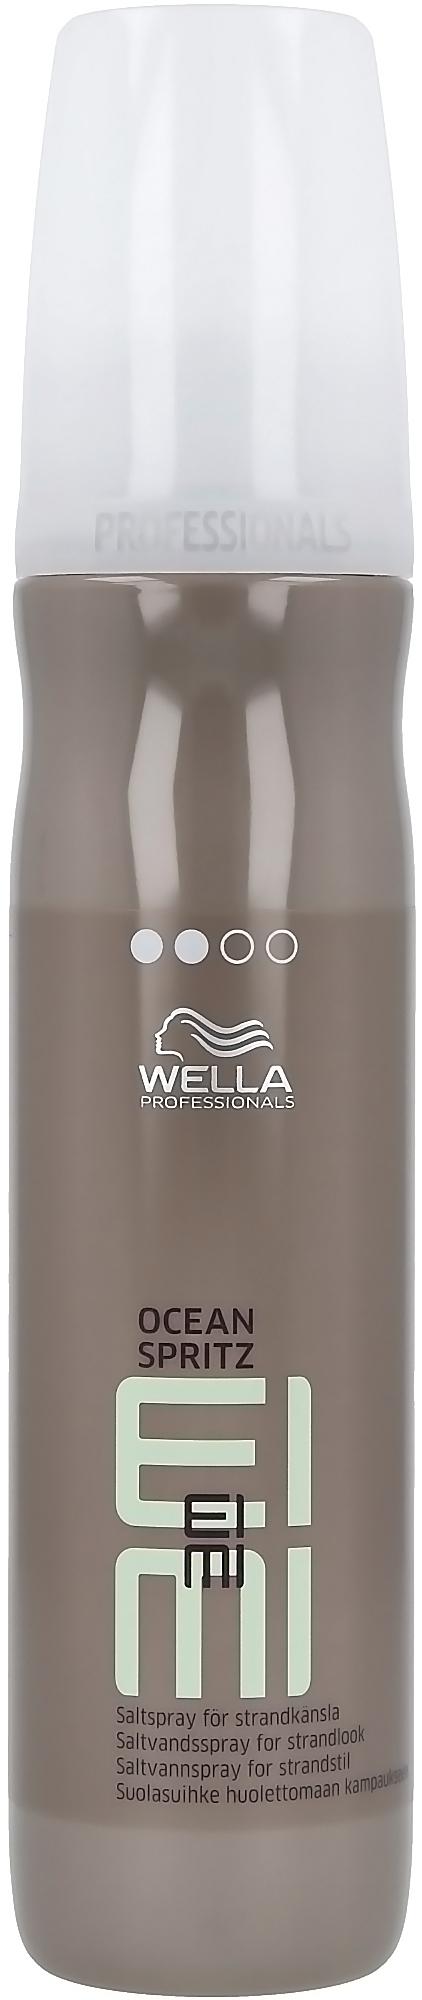 Wella Professionals Eimi Ocean Spritz 150 Ml Lyko Com